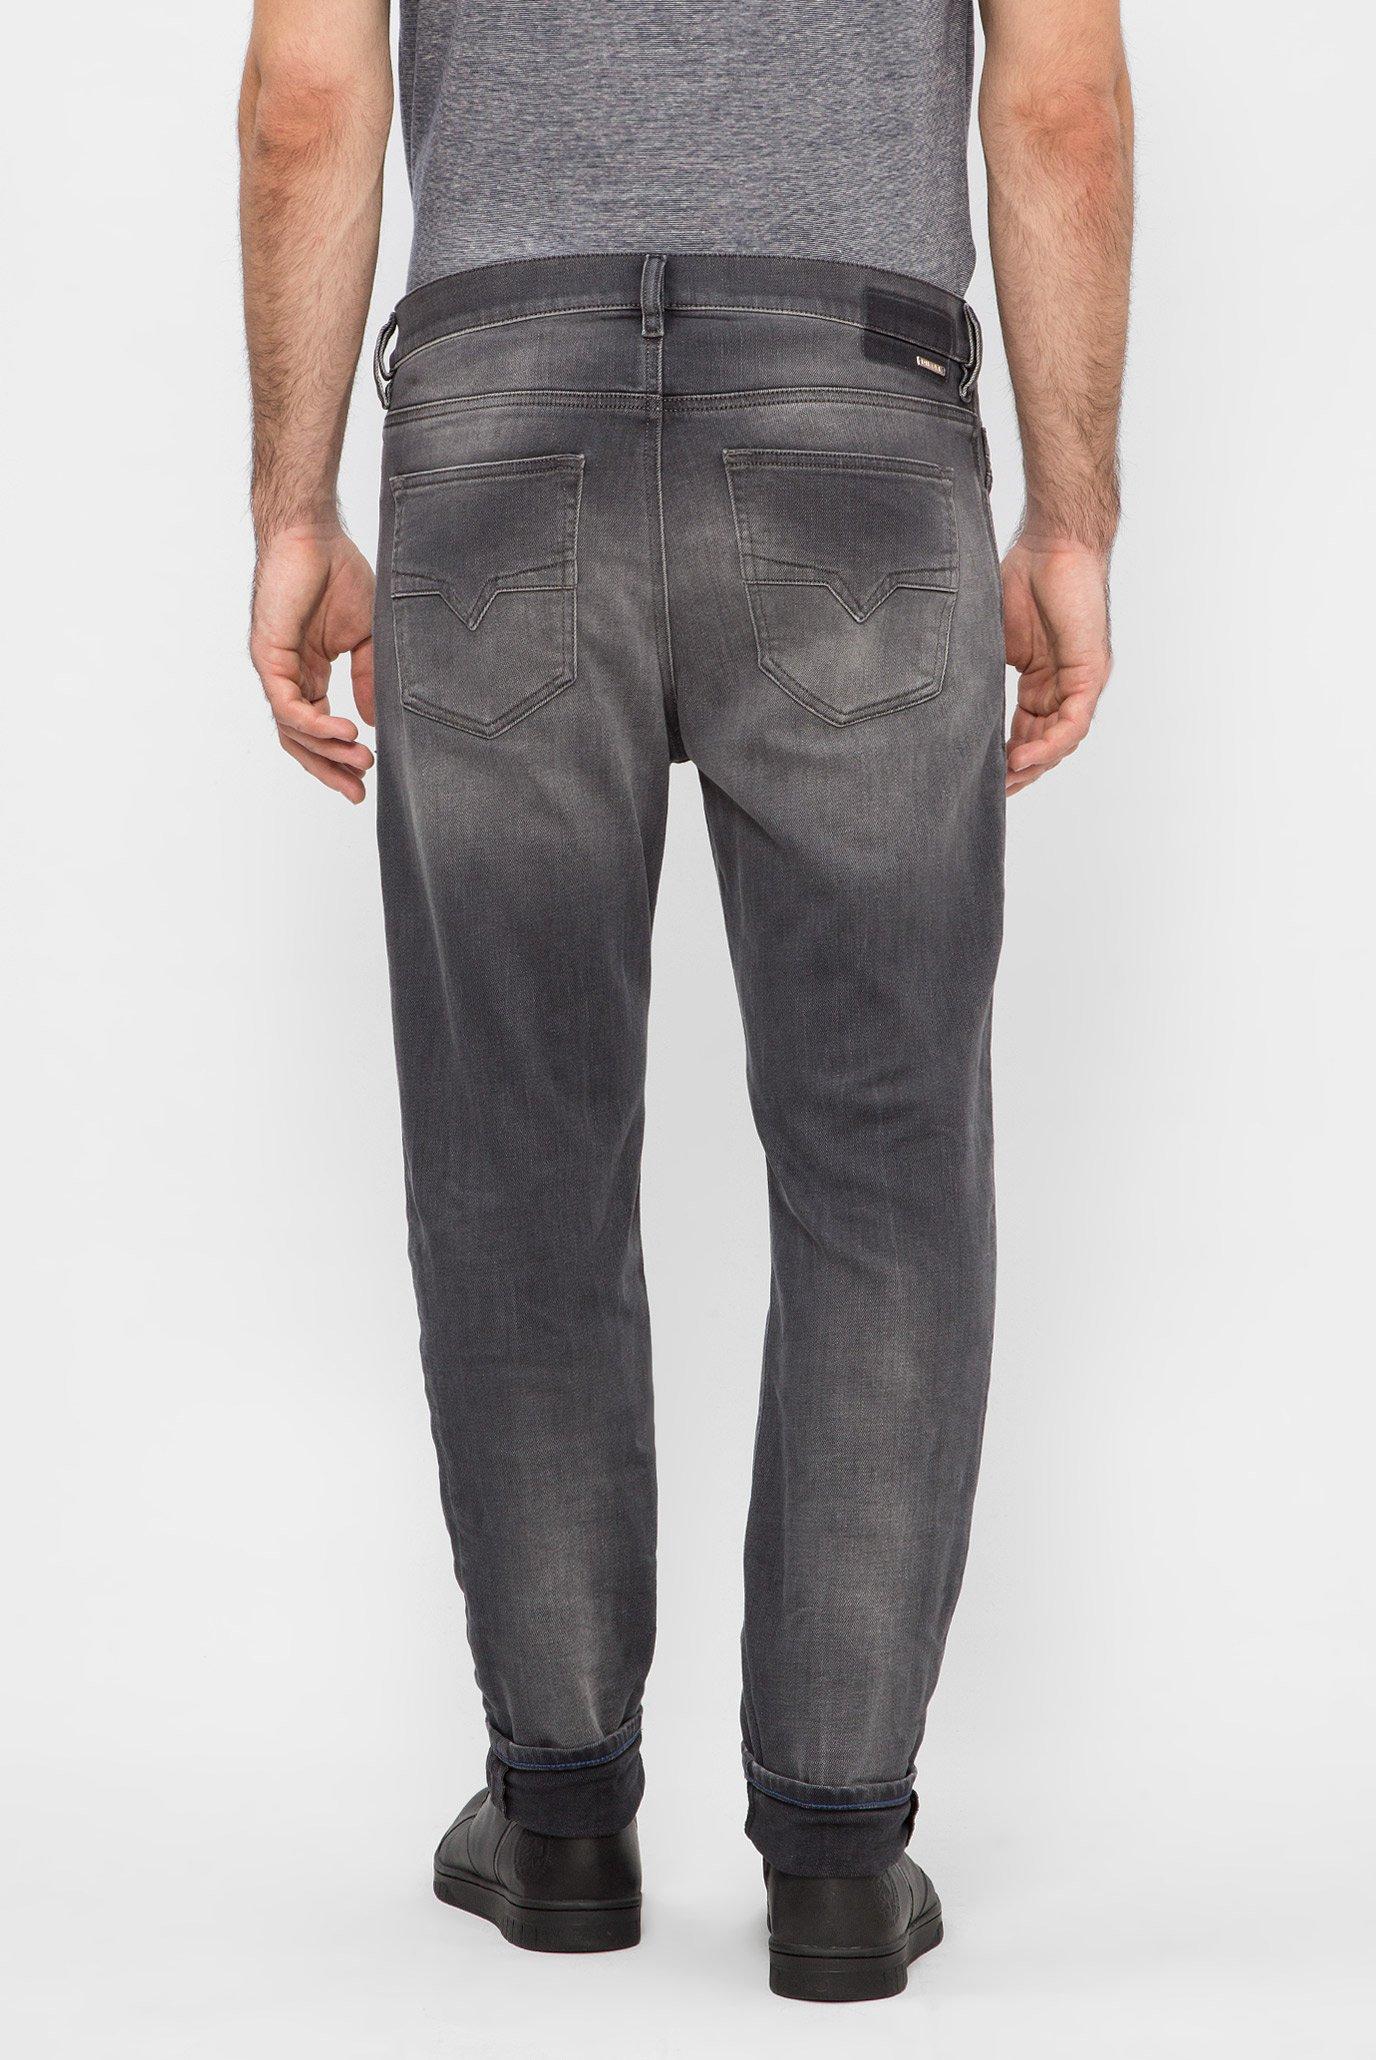 Купить Мужские серые джинсы JIFER Diesel Diesel 00SS6S 084JK – Киев, Украина. Цены в интернет магазине MD Fashion